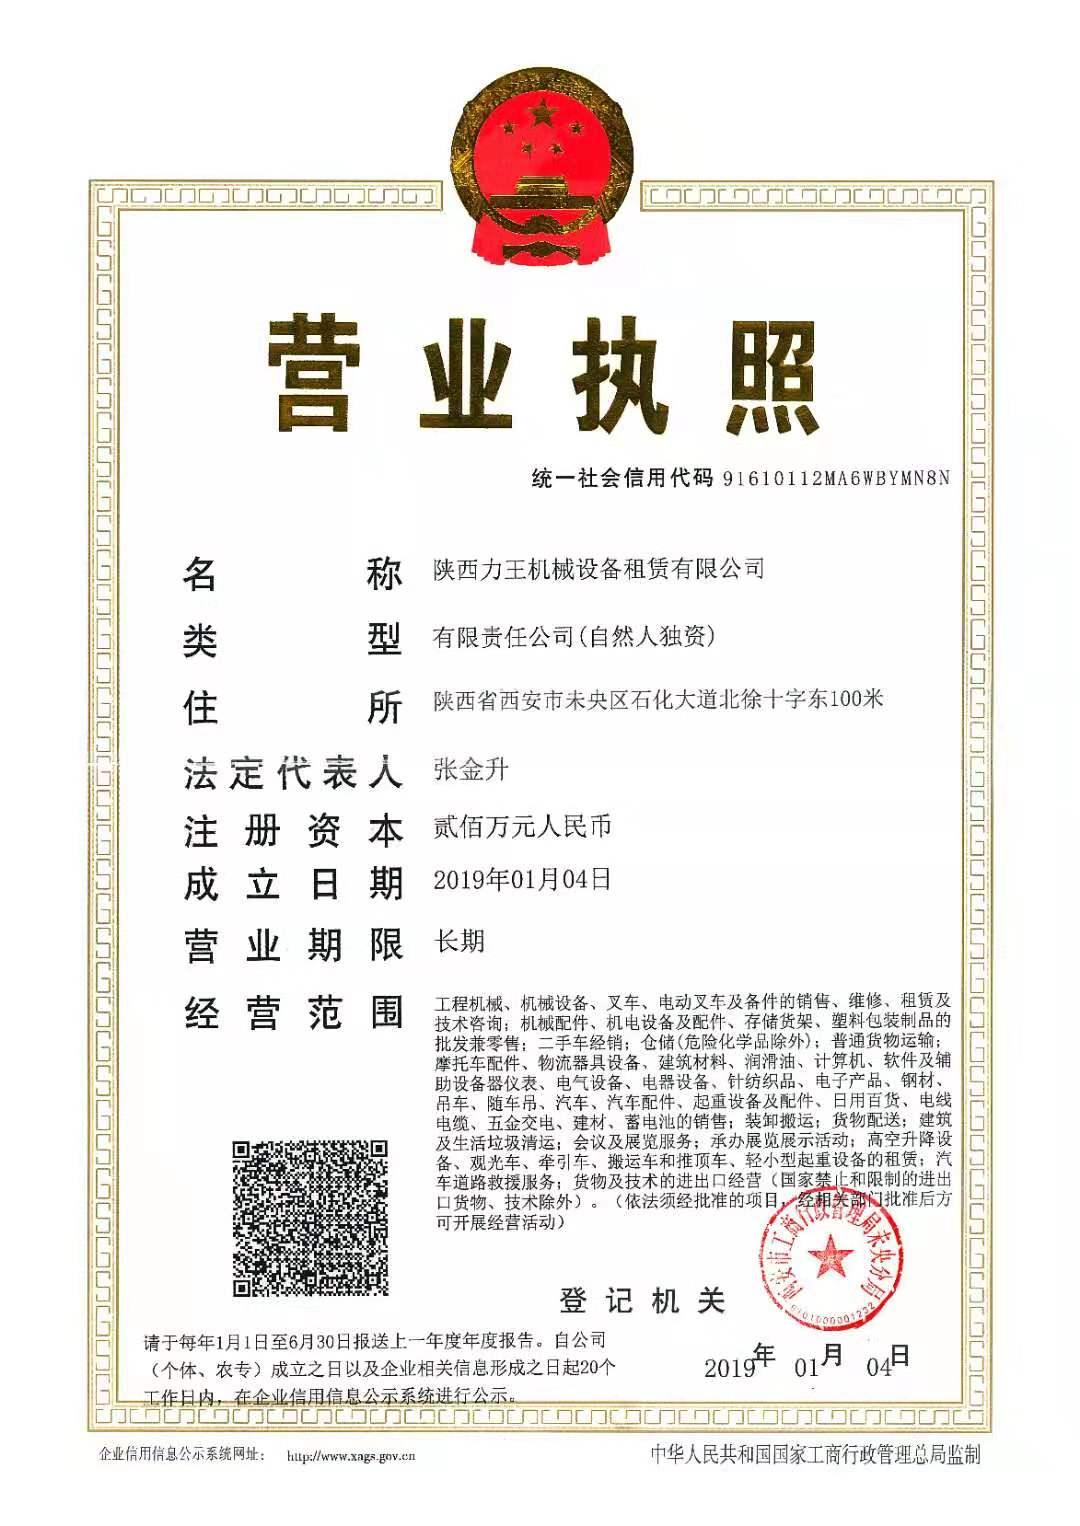 力王机械营业执照